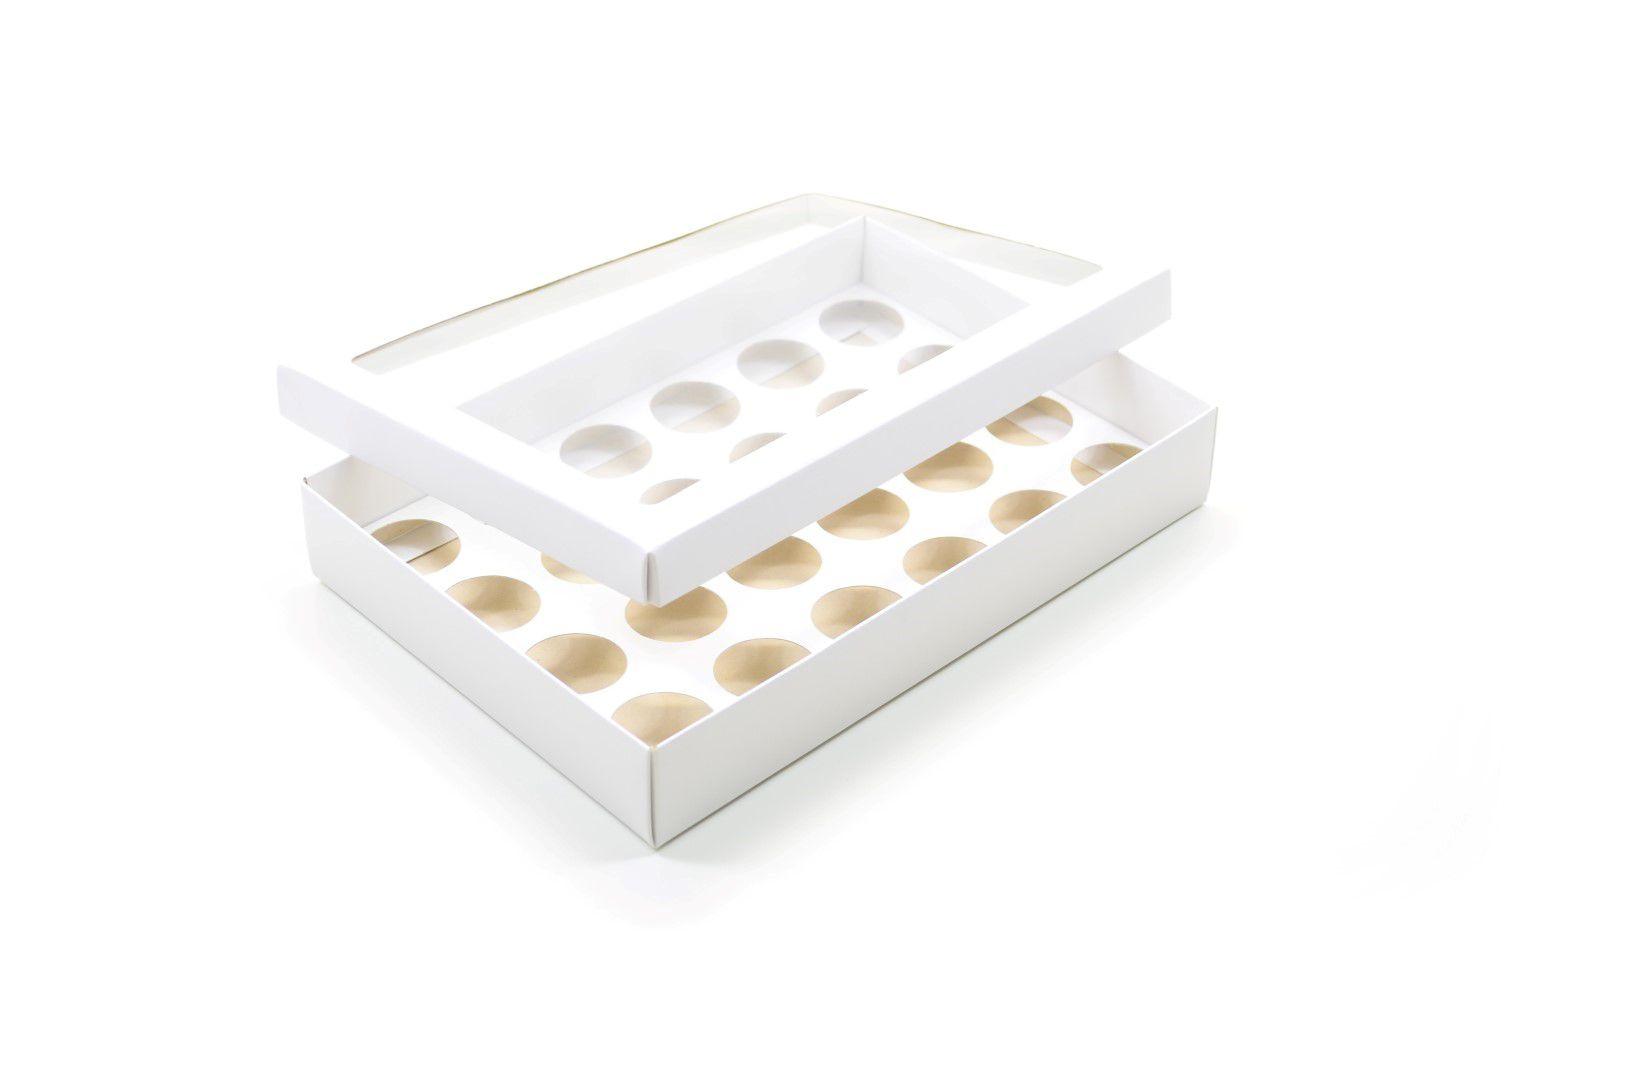 Ref 049 Branca - Caixa p/ 24 Brigadeiro Gourmet Nº4 - c/ visor na tampa - 25x17x4 cm - c/ 10 unidades